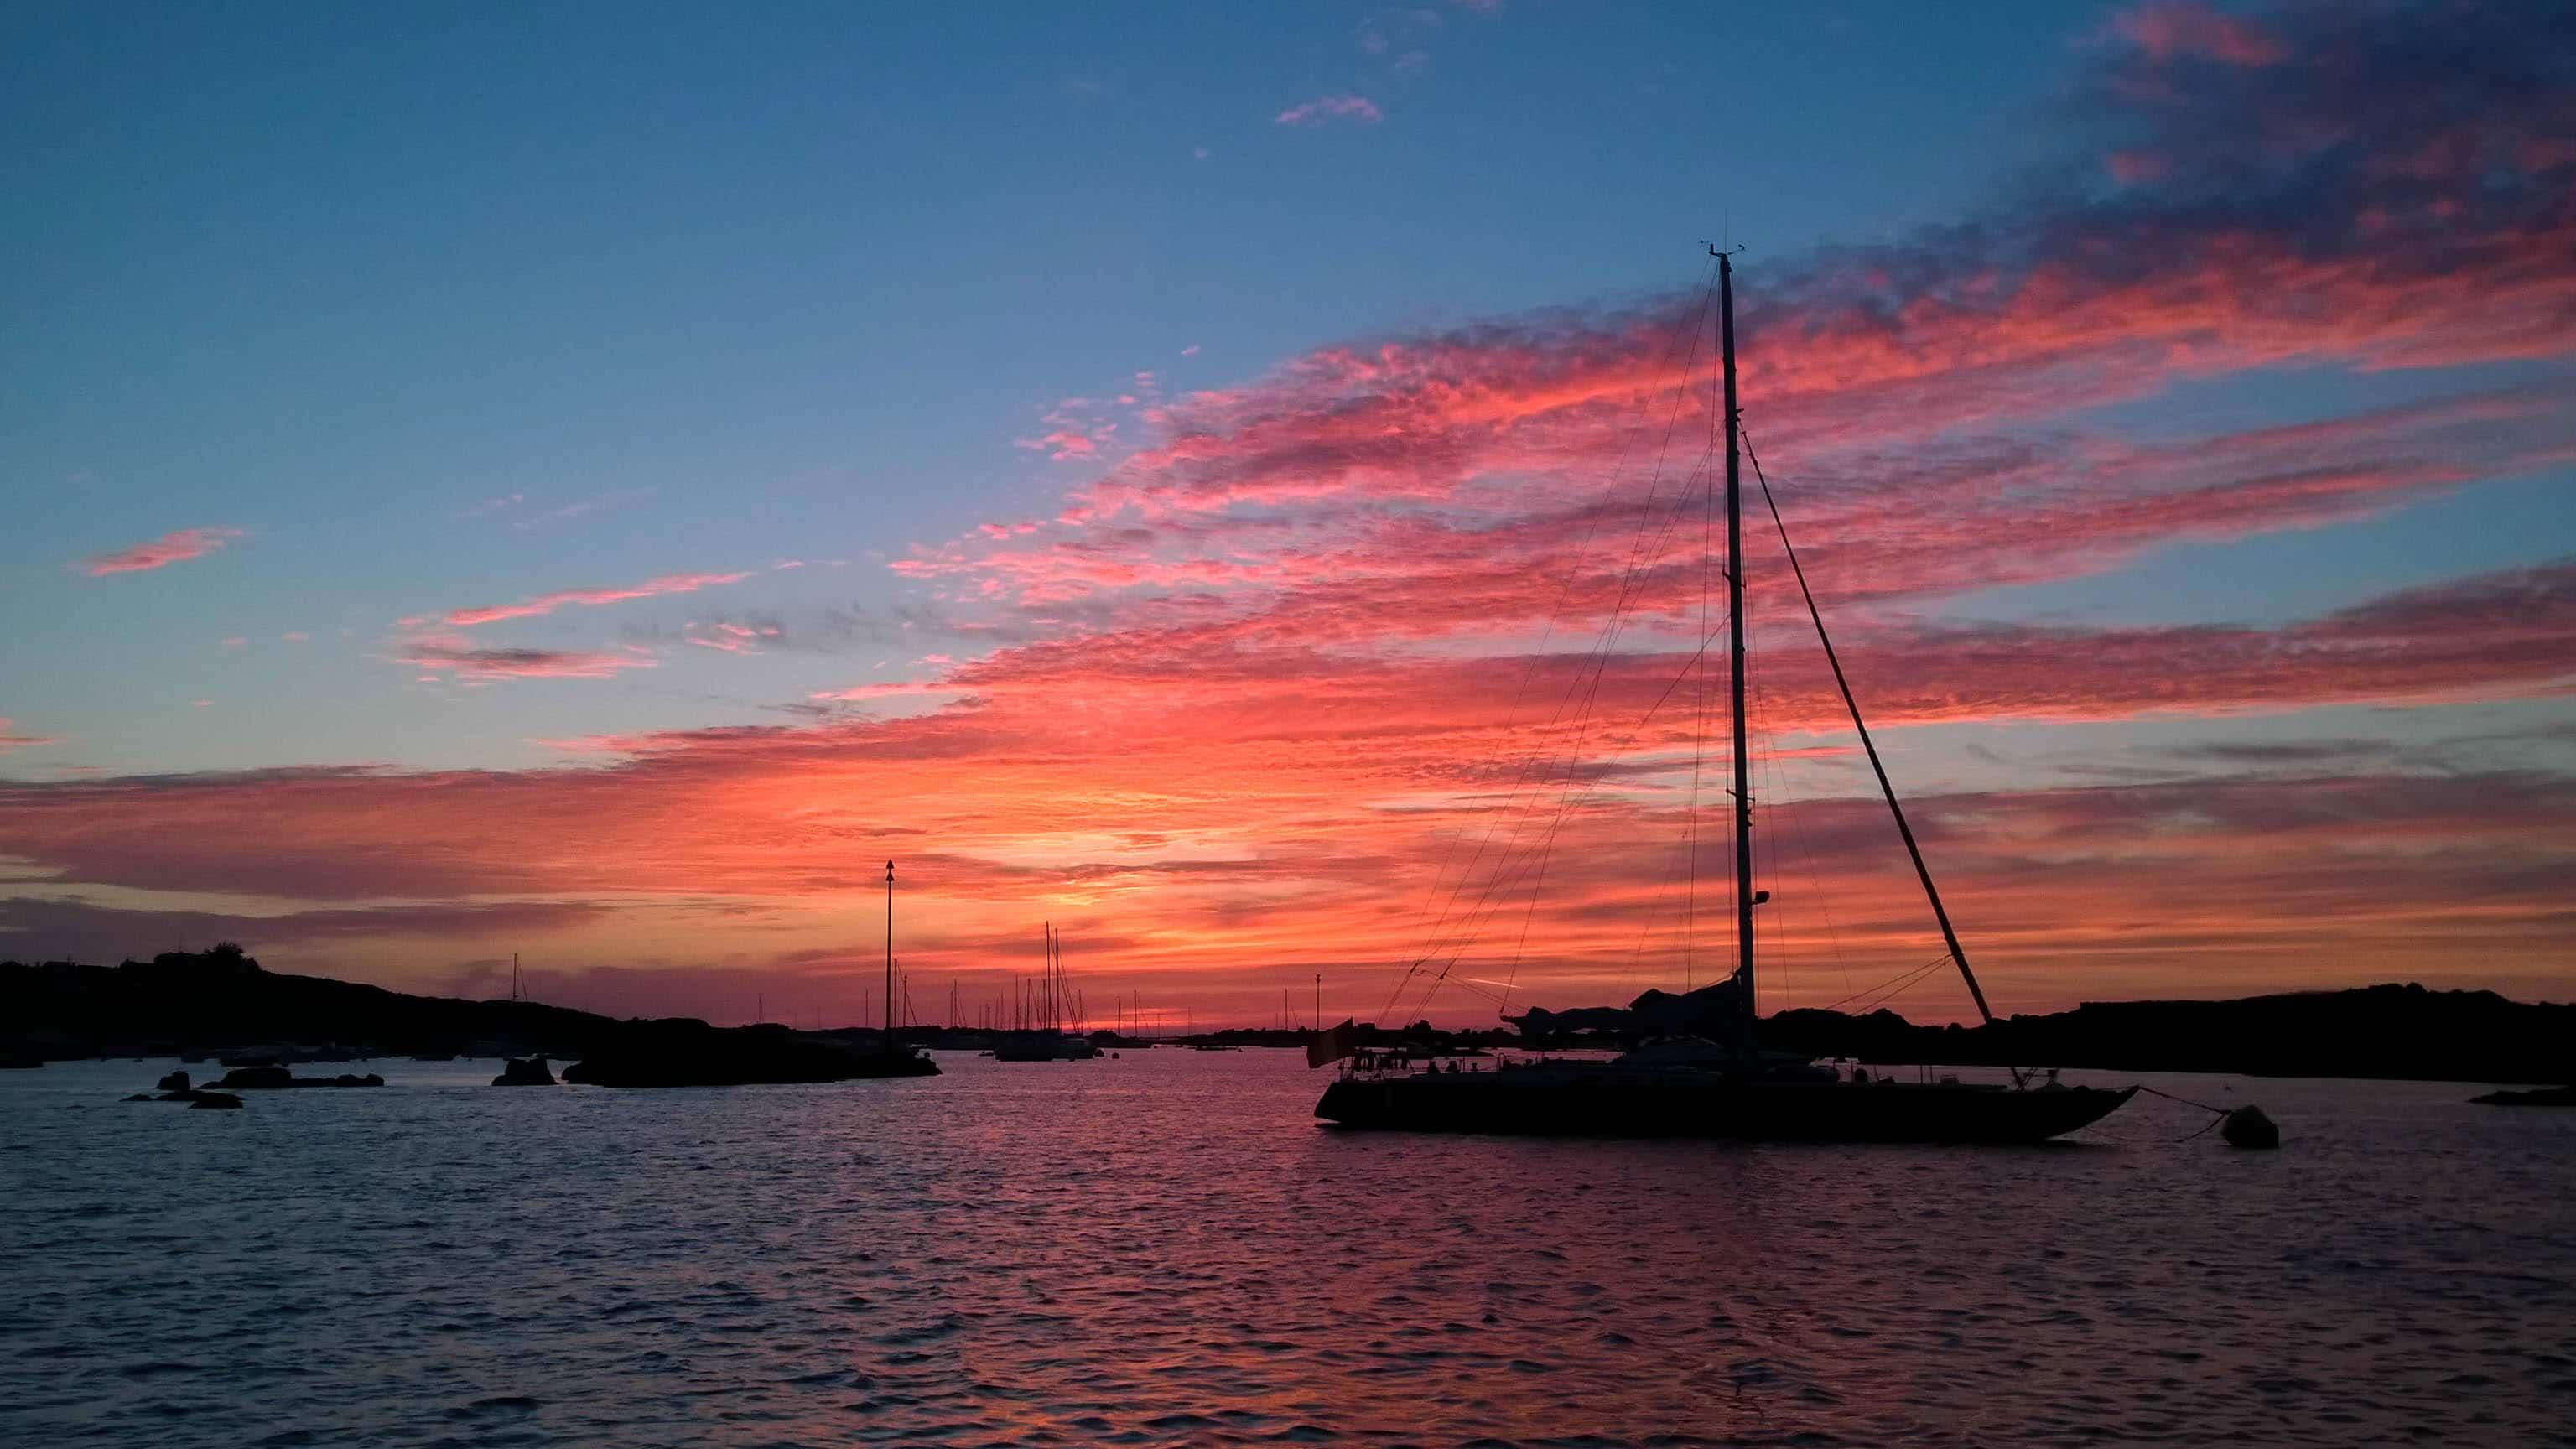 coucher de soleil sur la mer a chausey. petit mouillage magnifique dans ce petit archipel rocheux